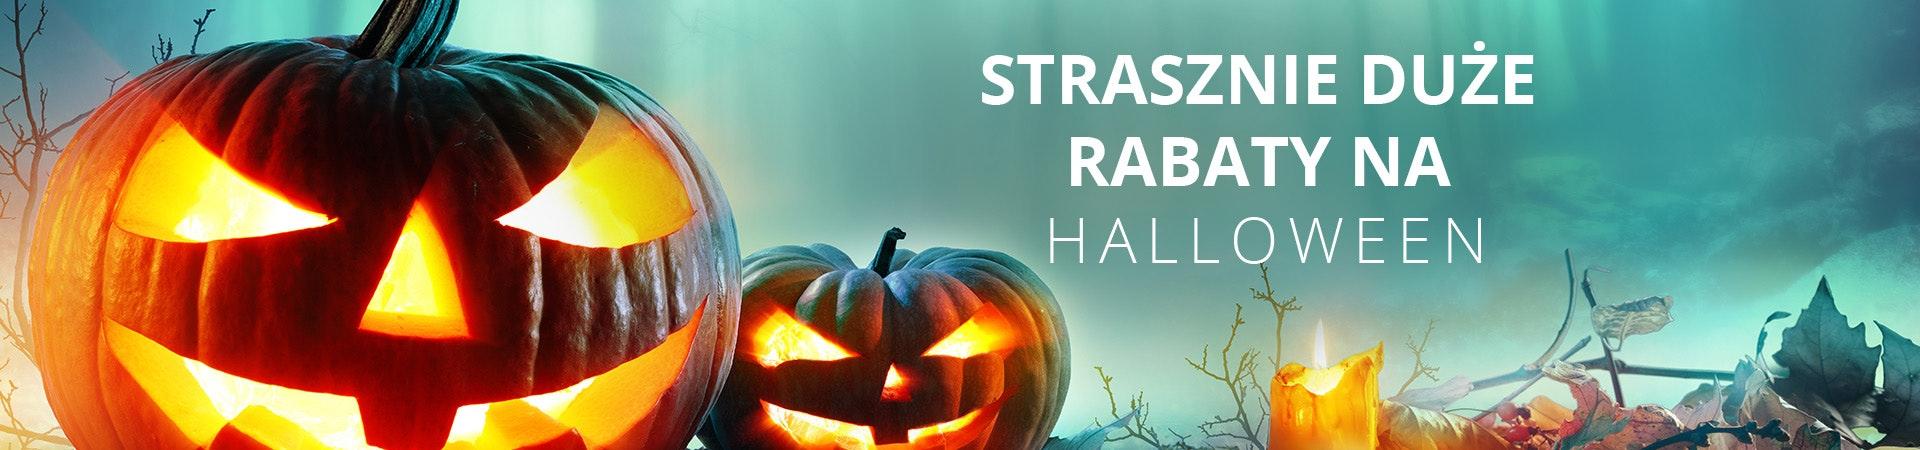 Strasznie duże rabaty na Halloween